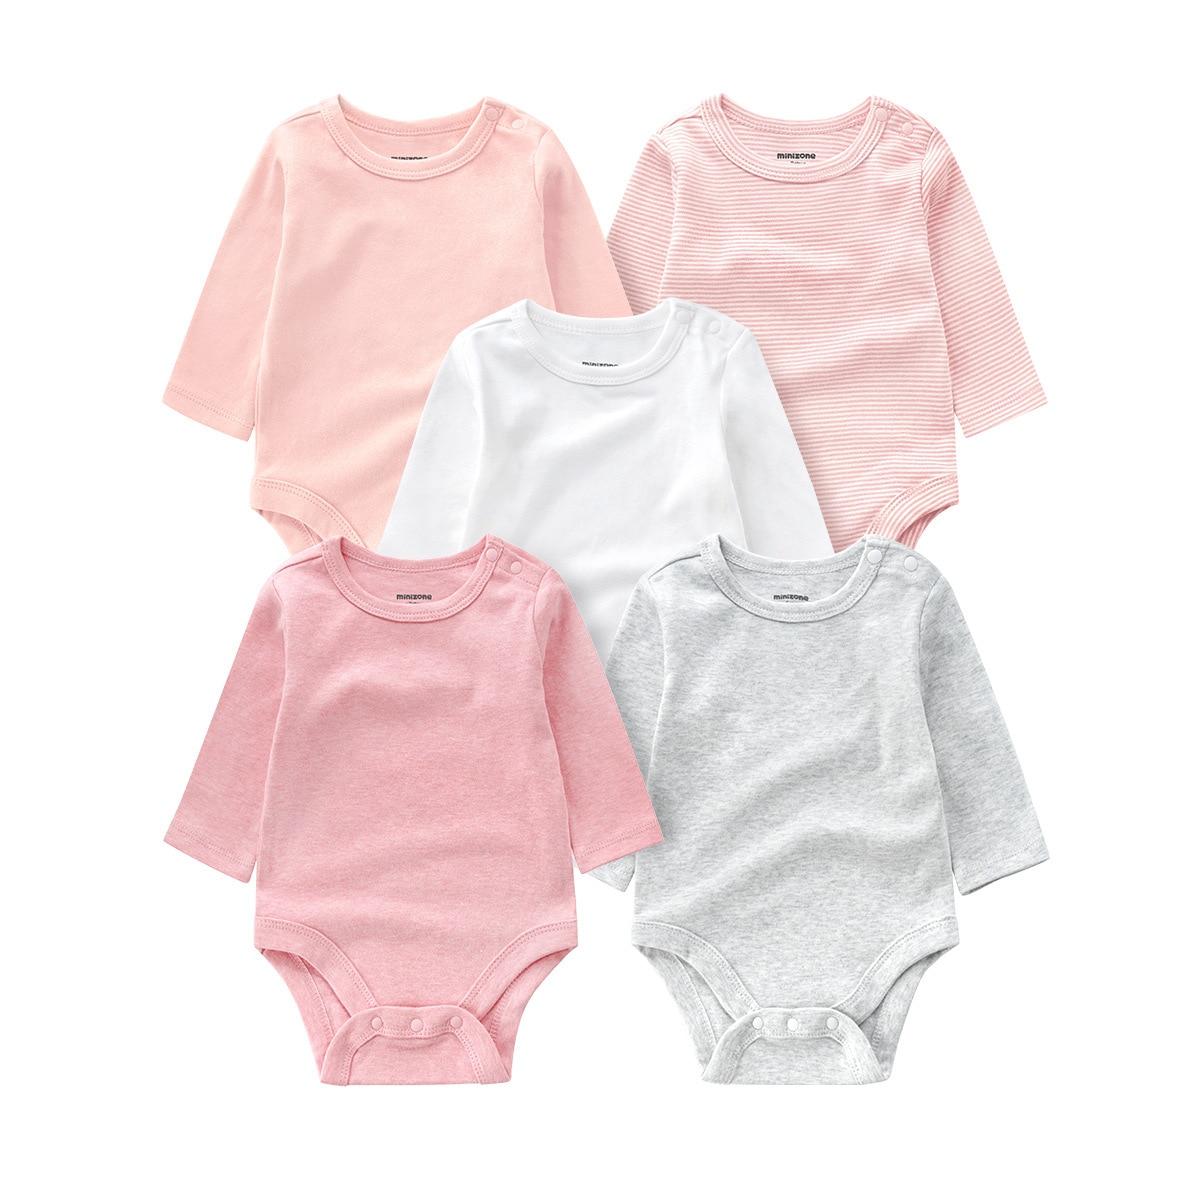 5 pçs outono novo traje infantil casual bebê recém-nascido menino manga longa bodysuit sólido puro algodão o pescoço roupas para 0-24m